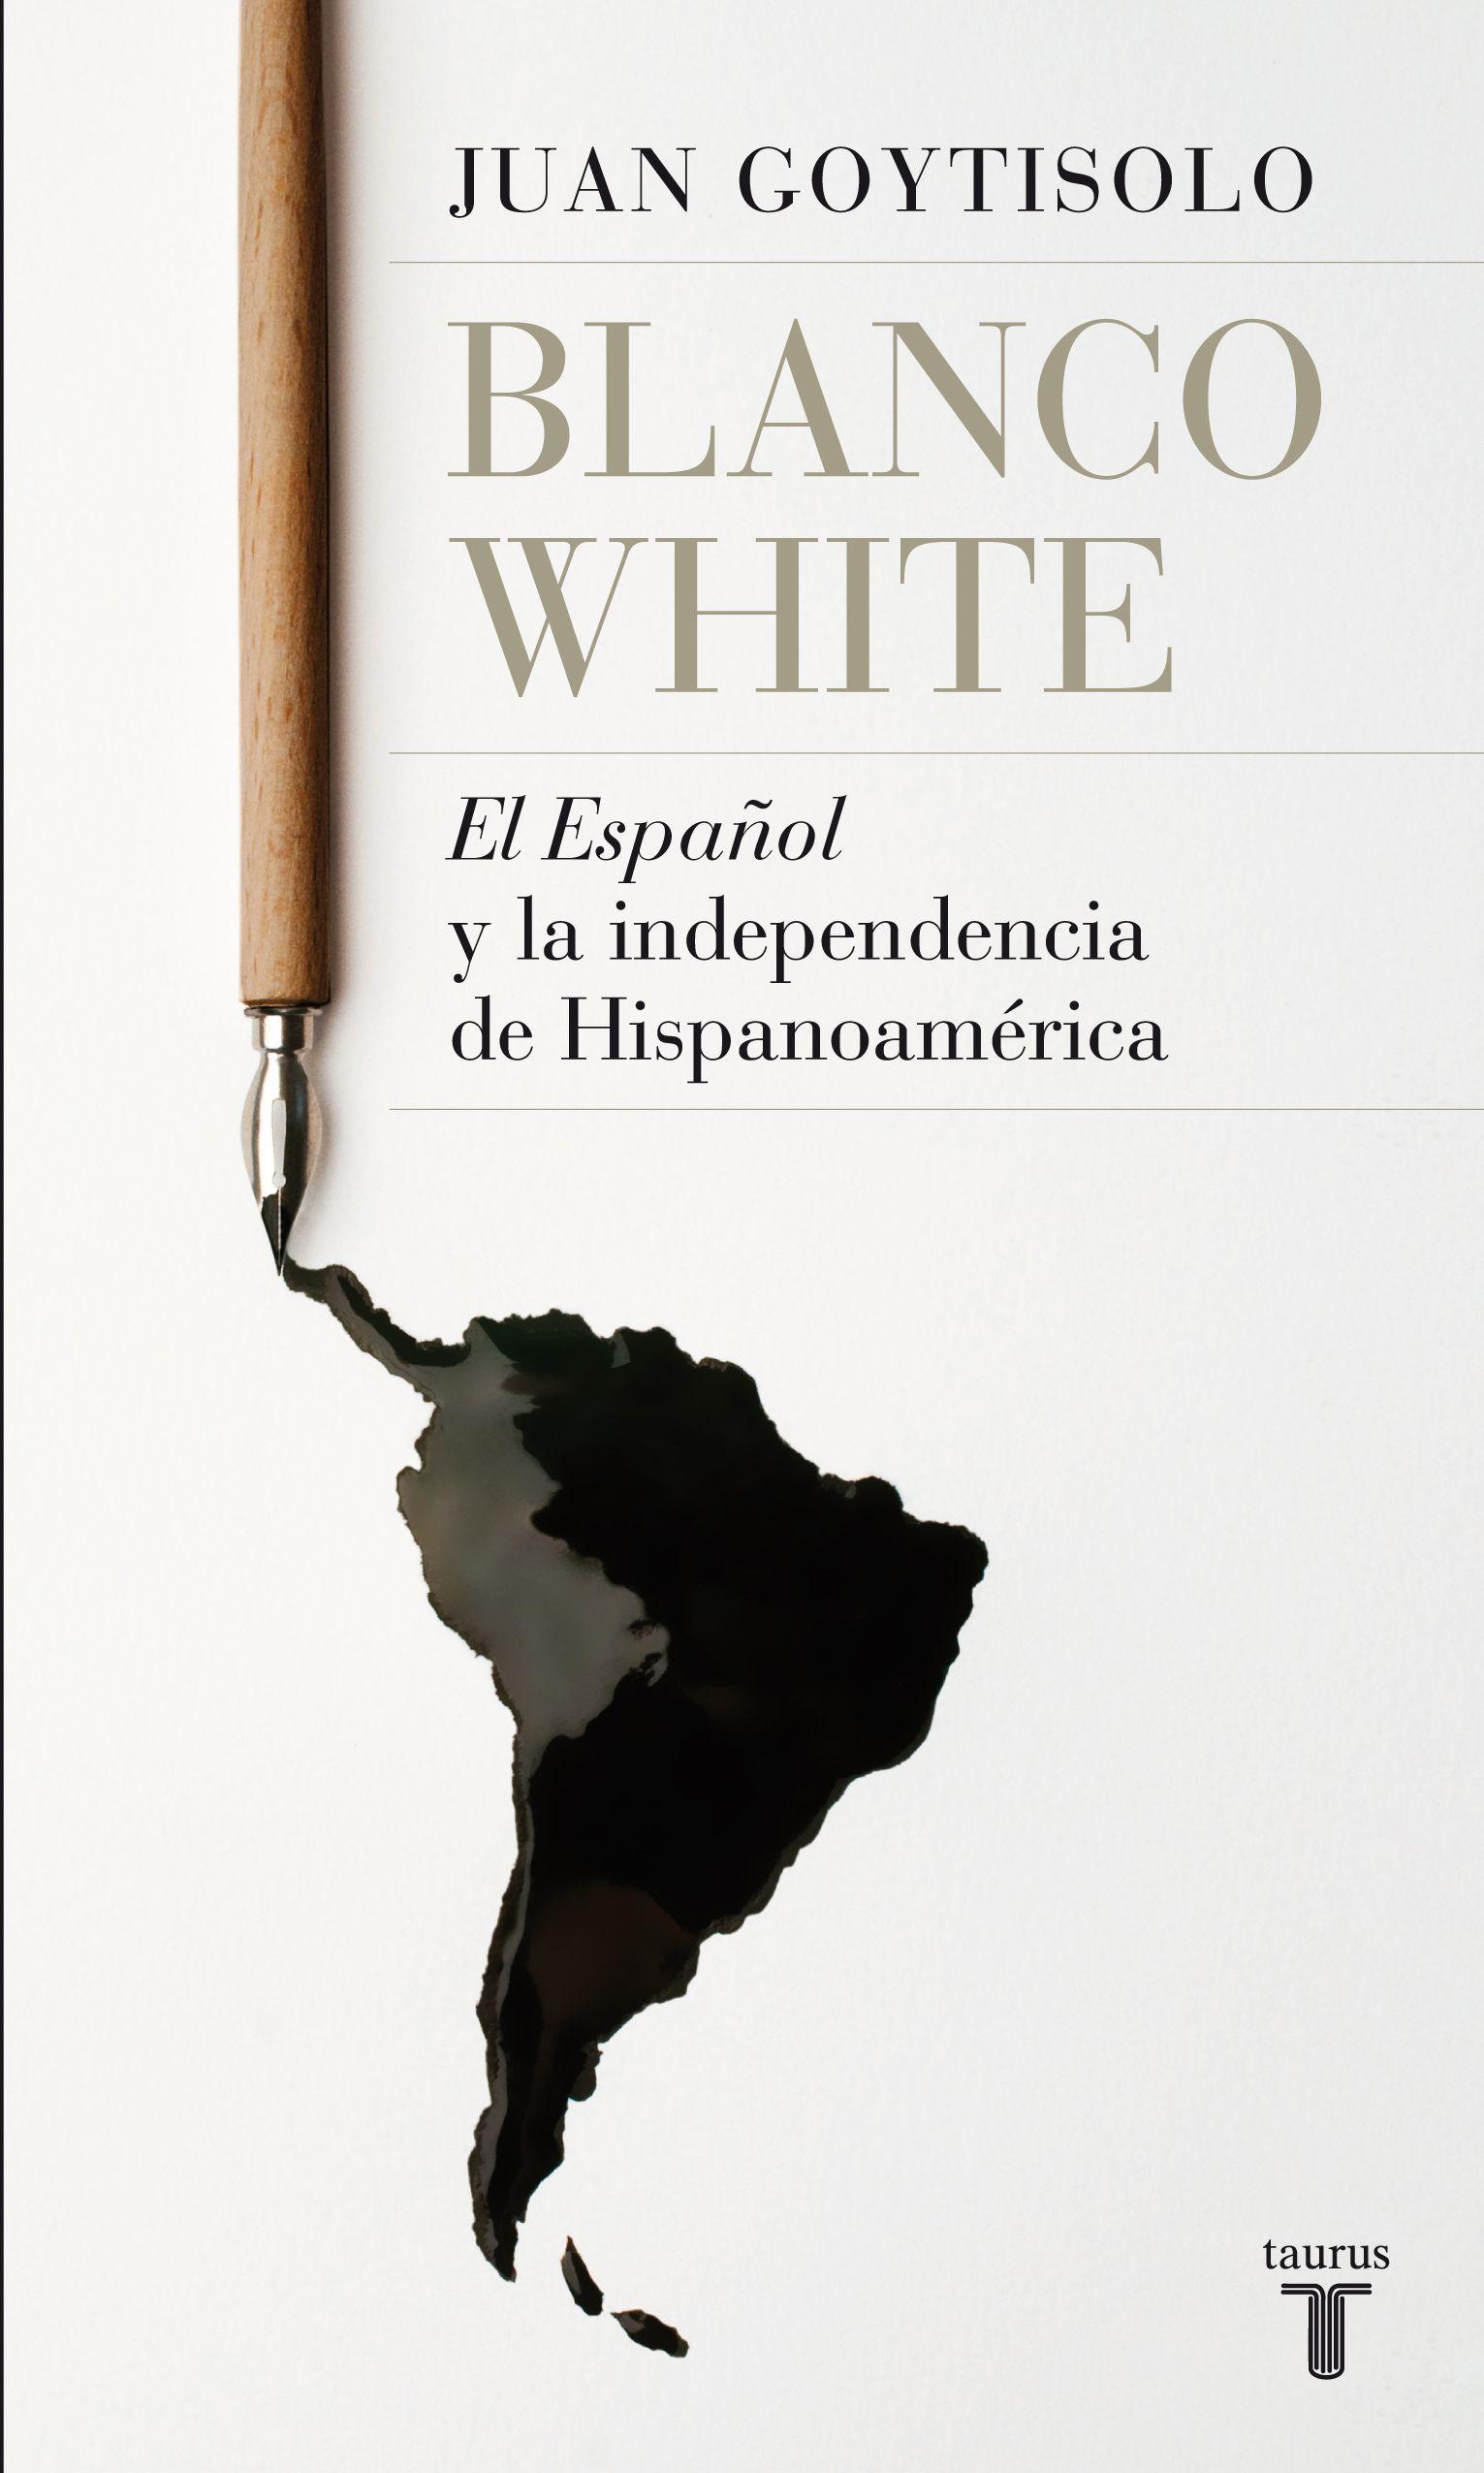 """Blanco White, """"El Español"""" y la independencia de Hispanoamérica. Libro electrónico. Pamplona: Leer-e, 2013"""